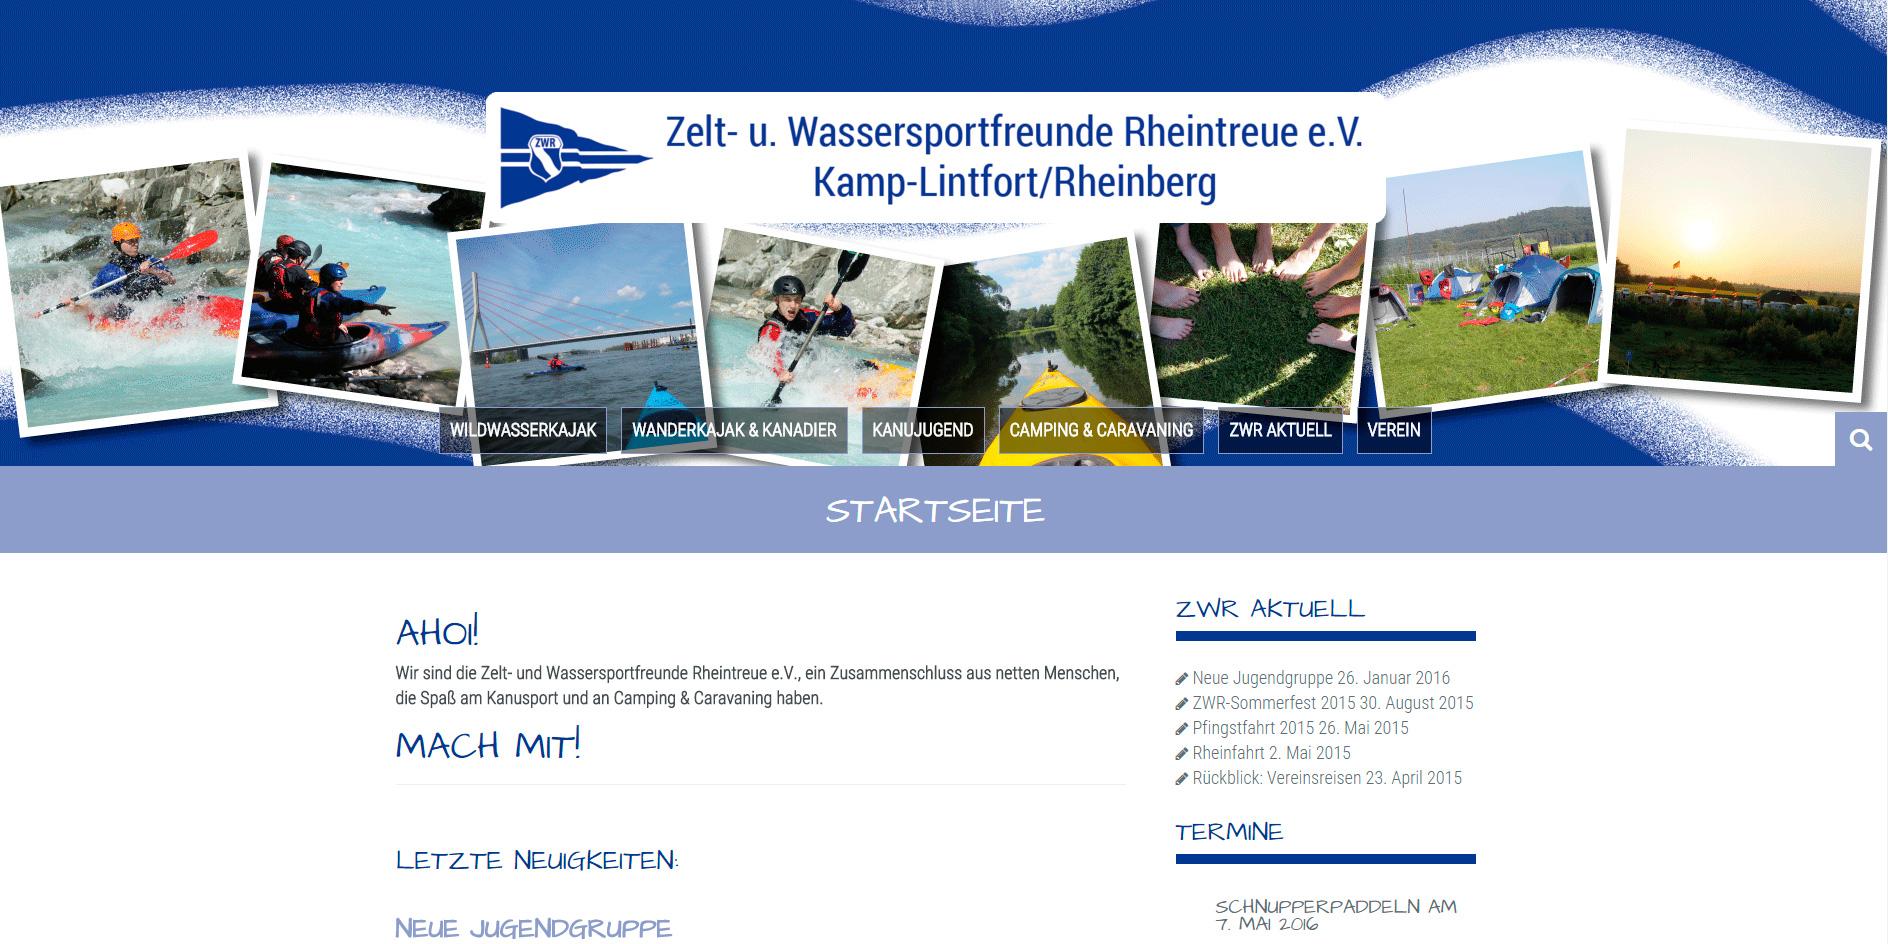 Webdesign für den Rheinberger Kajakverein ZWR mit vielen Fotos und Berichten aus dem Vereinsleben